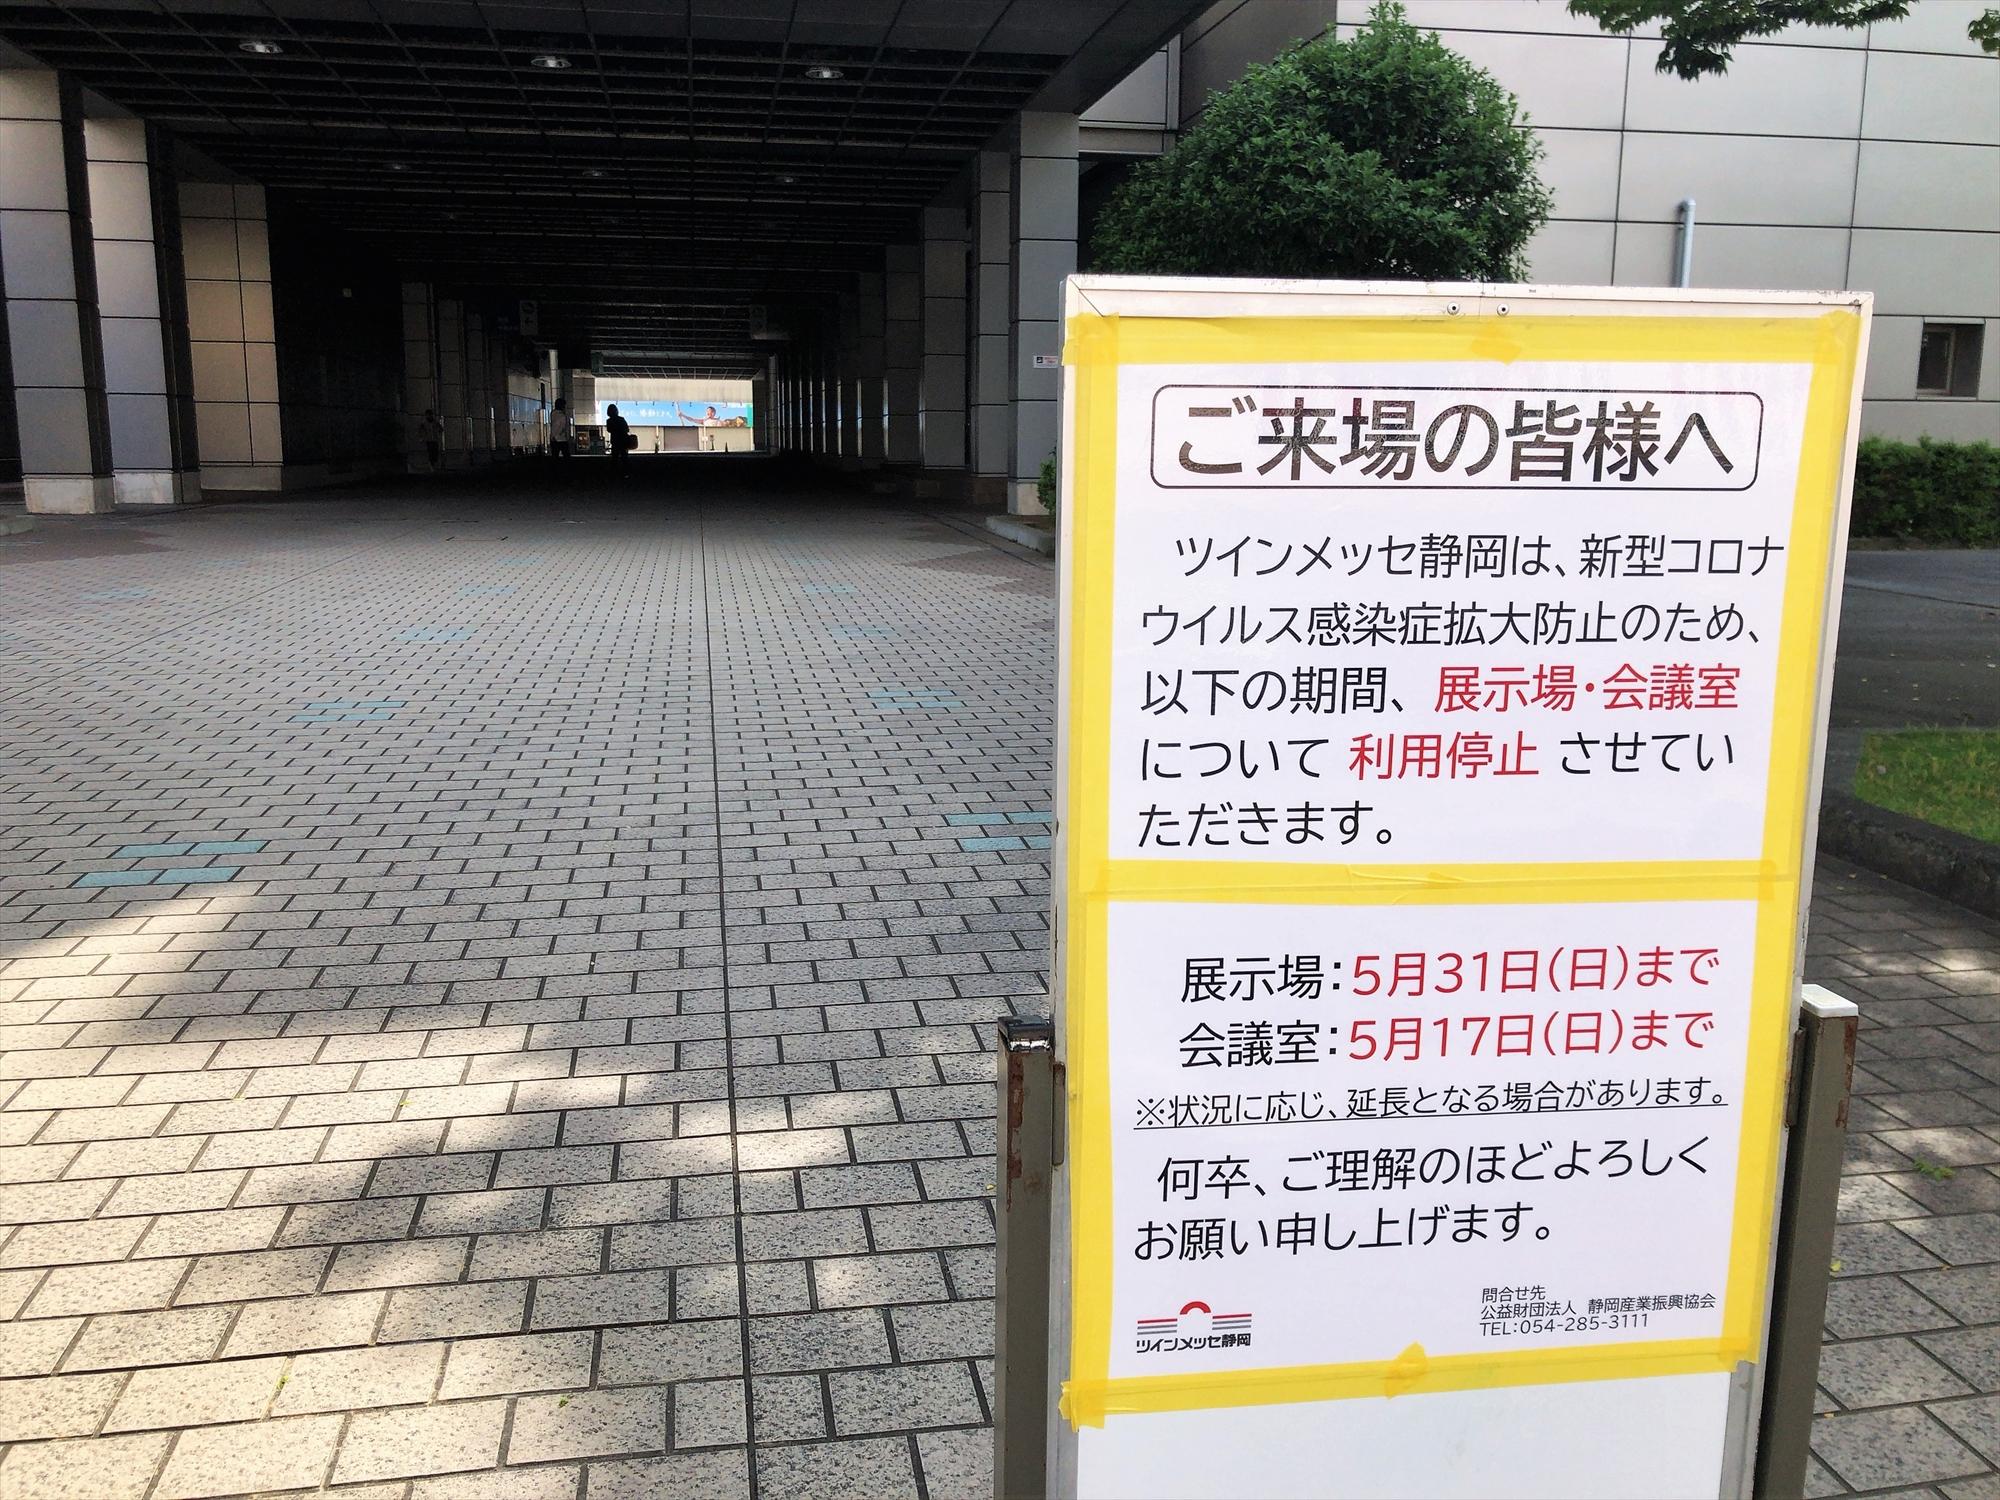 ツインメッセ静岡の外観